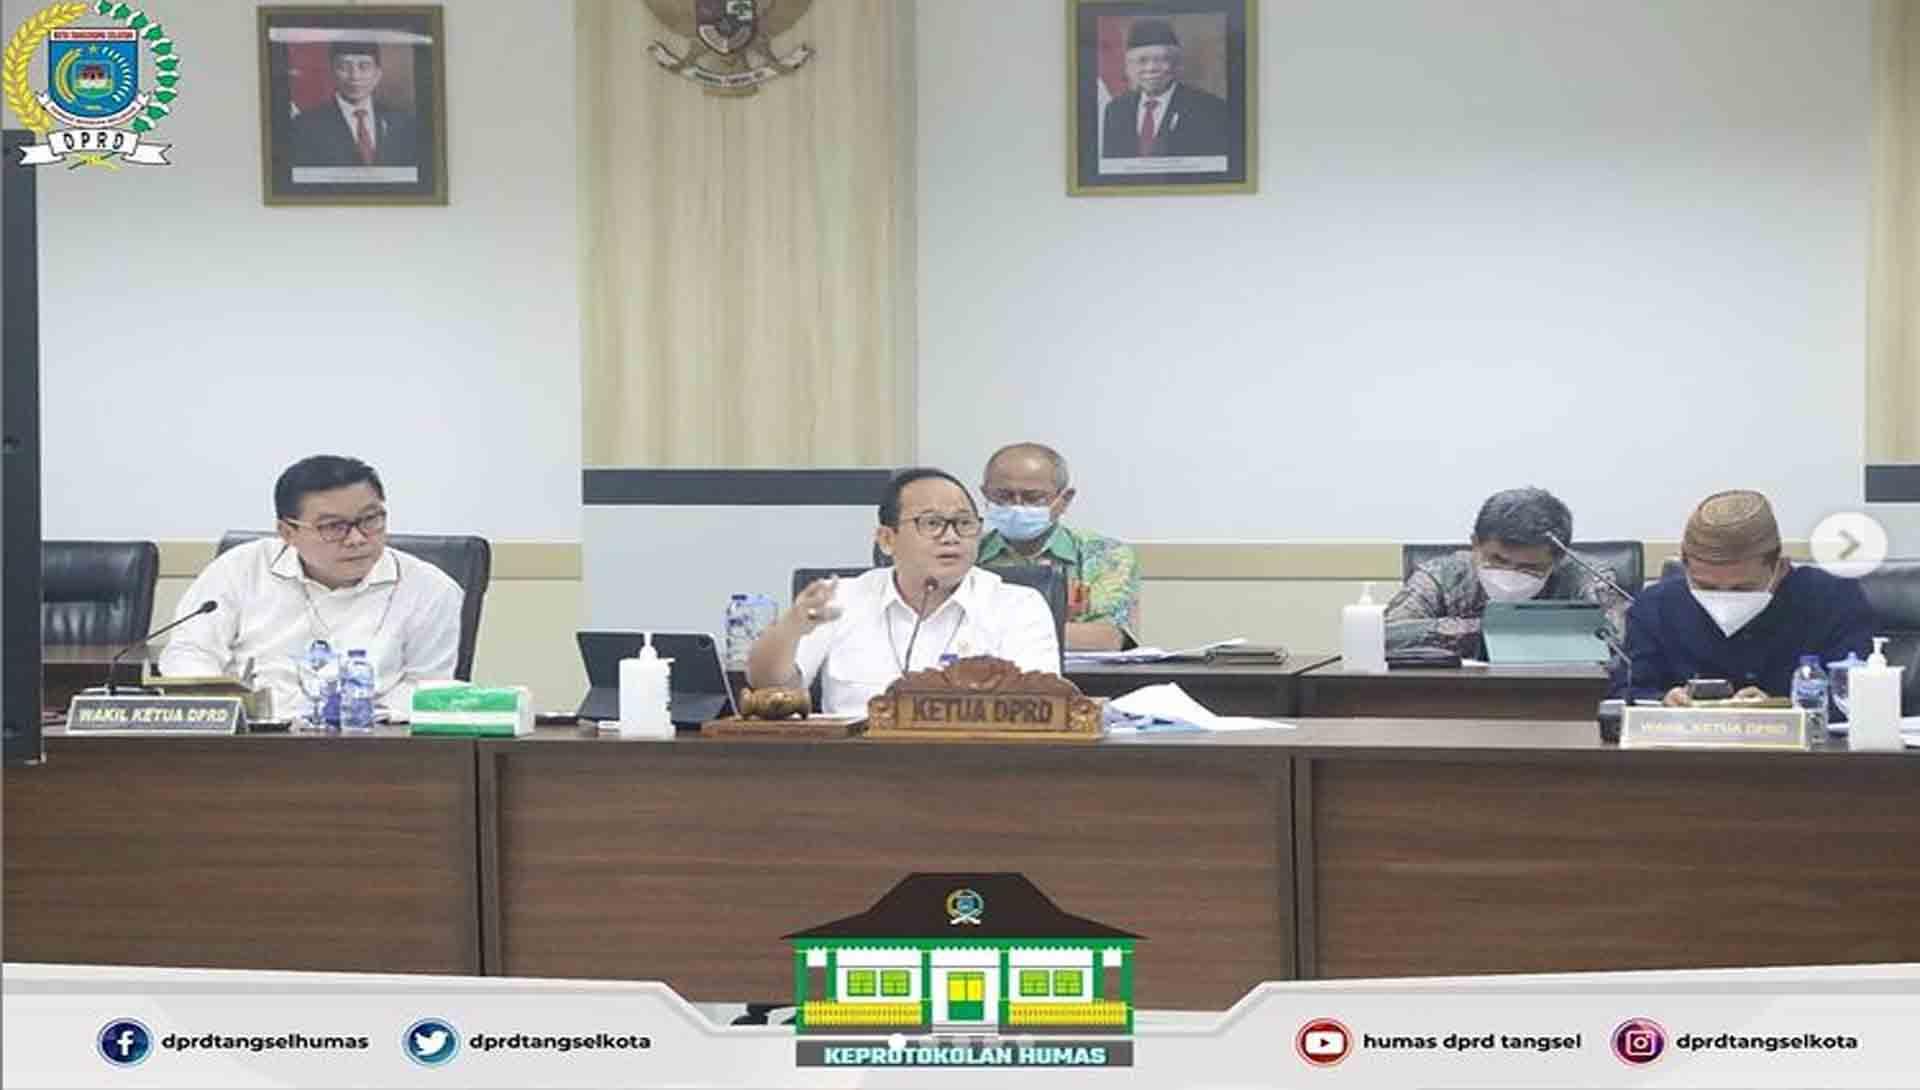 Rapat Badan Anggaran terkait Finalisasi KUA PPAS Tahun 2022